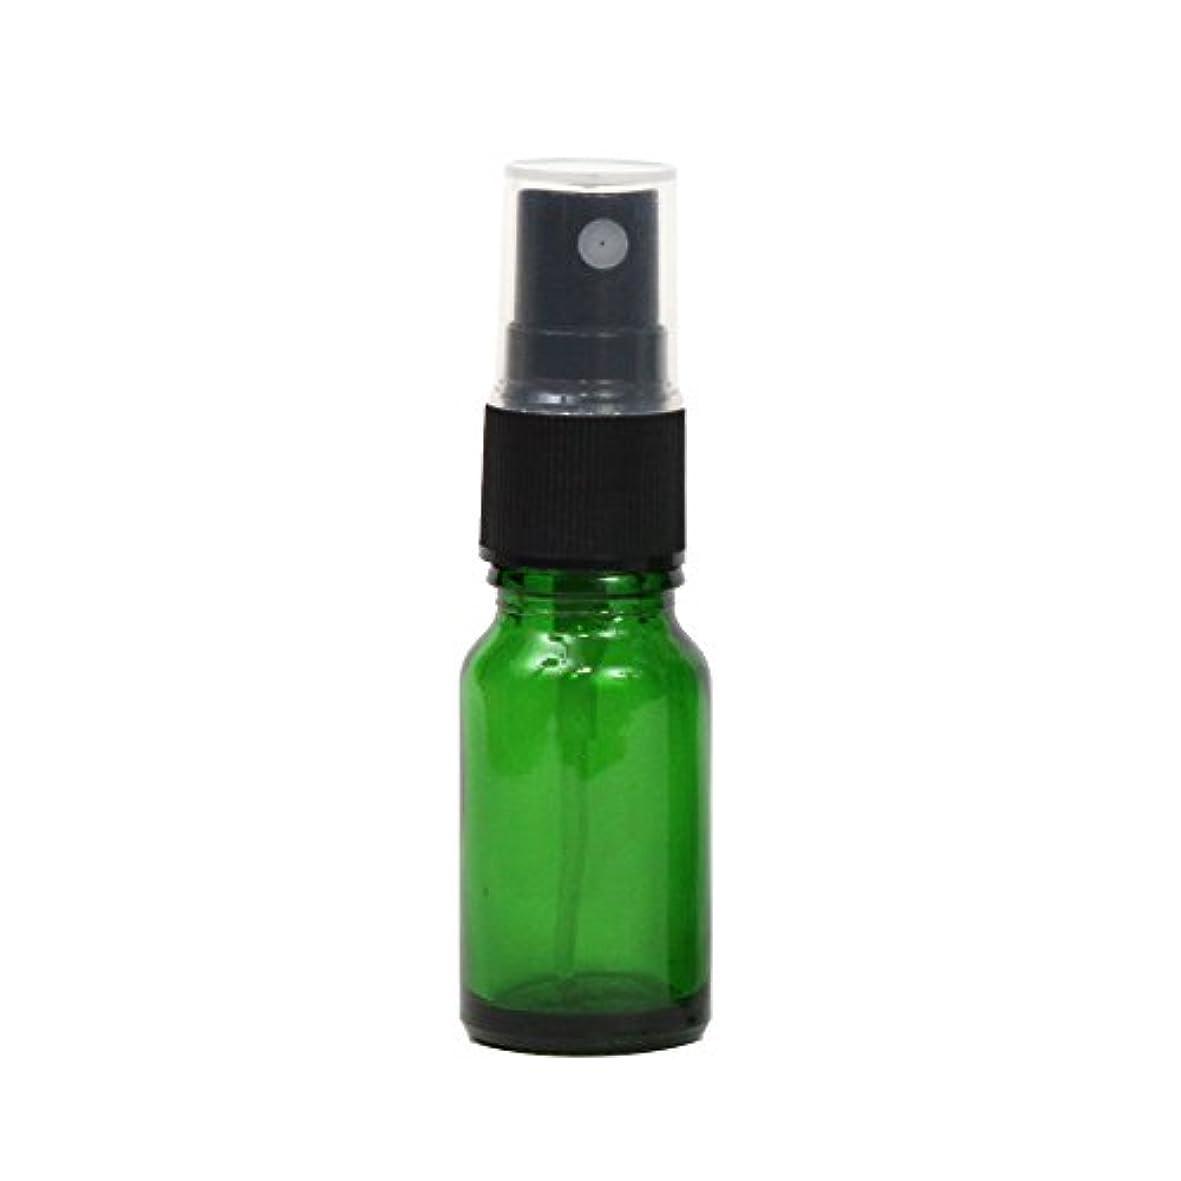 できればおかしいスライススプレーボトル ガラス瓶 10mL 遮光性グリーン ガラスアトマイザー 空容器